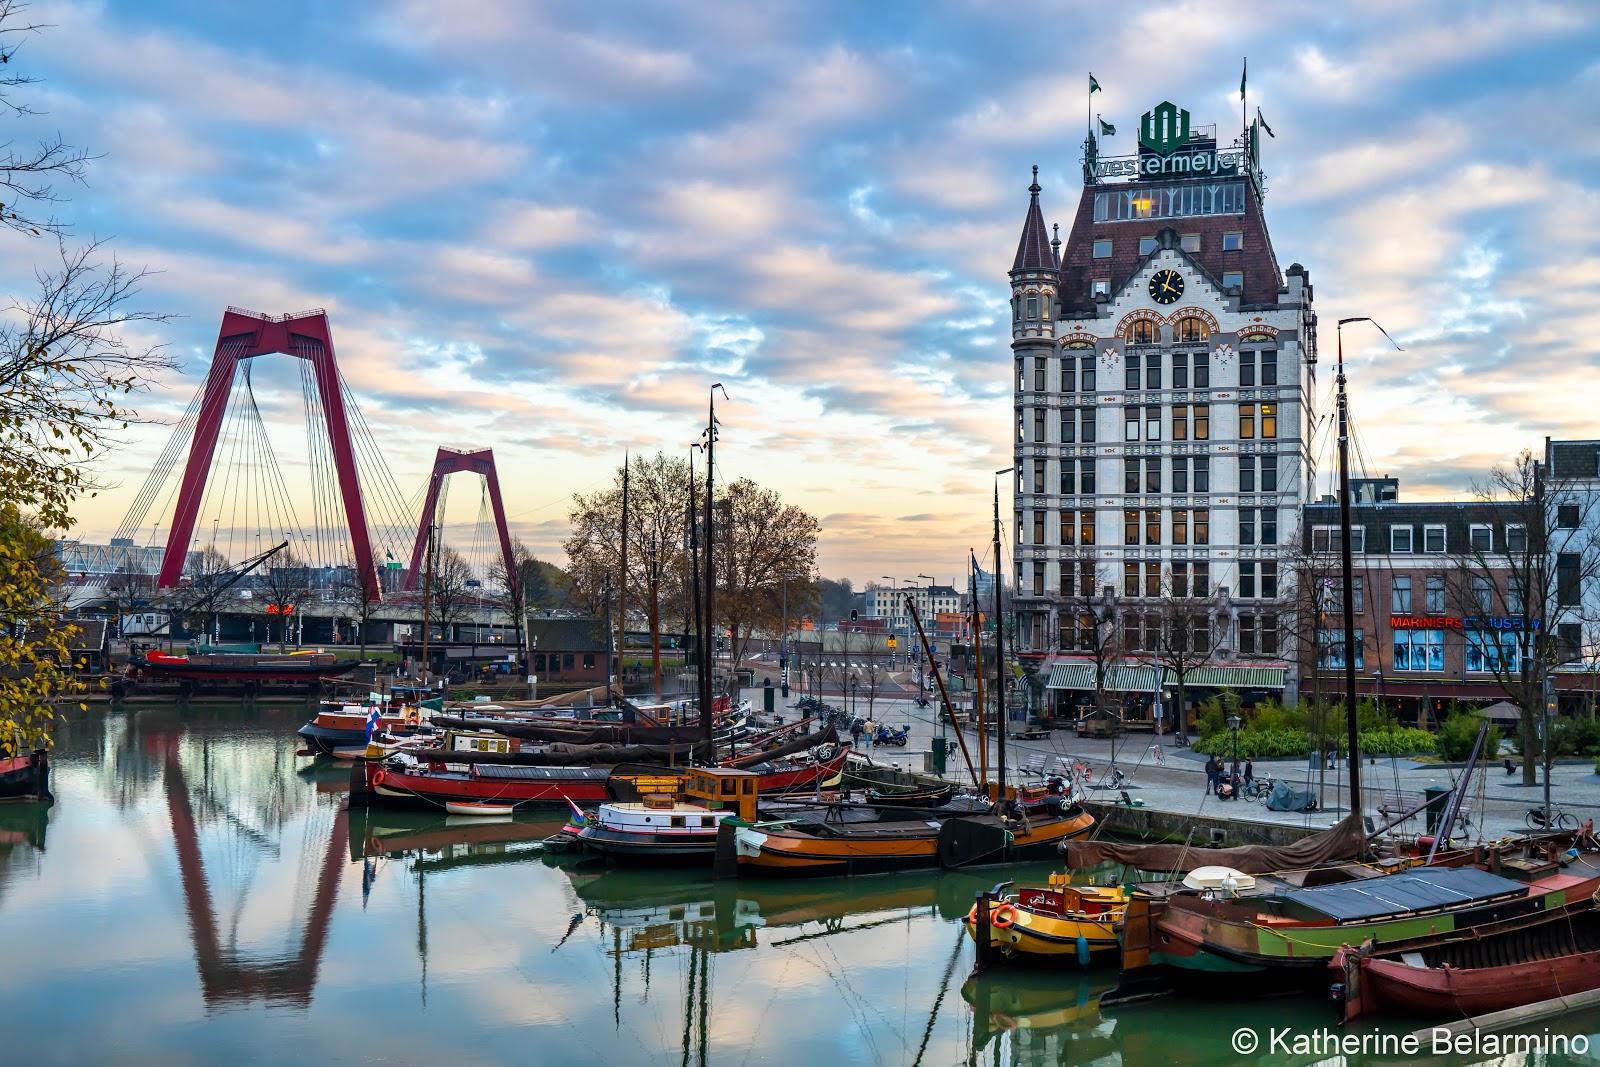 голландия роттердам фото керамической плитки ричмонд